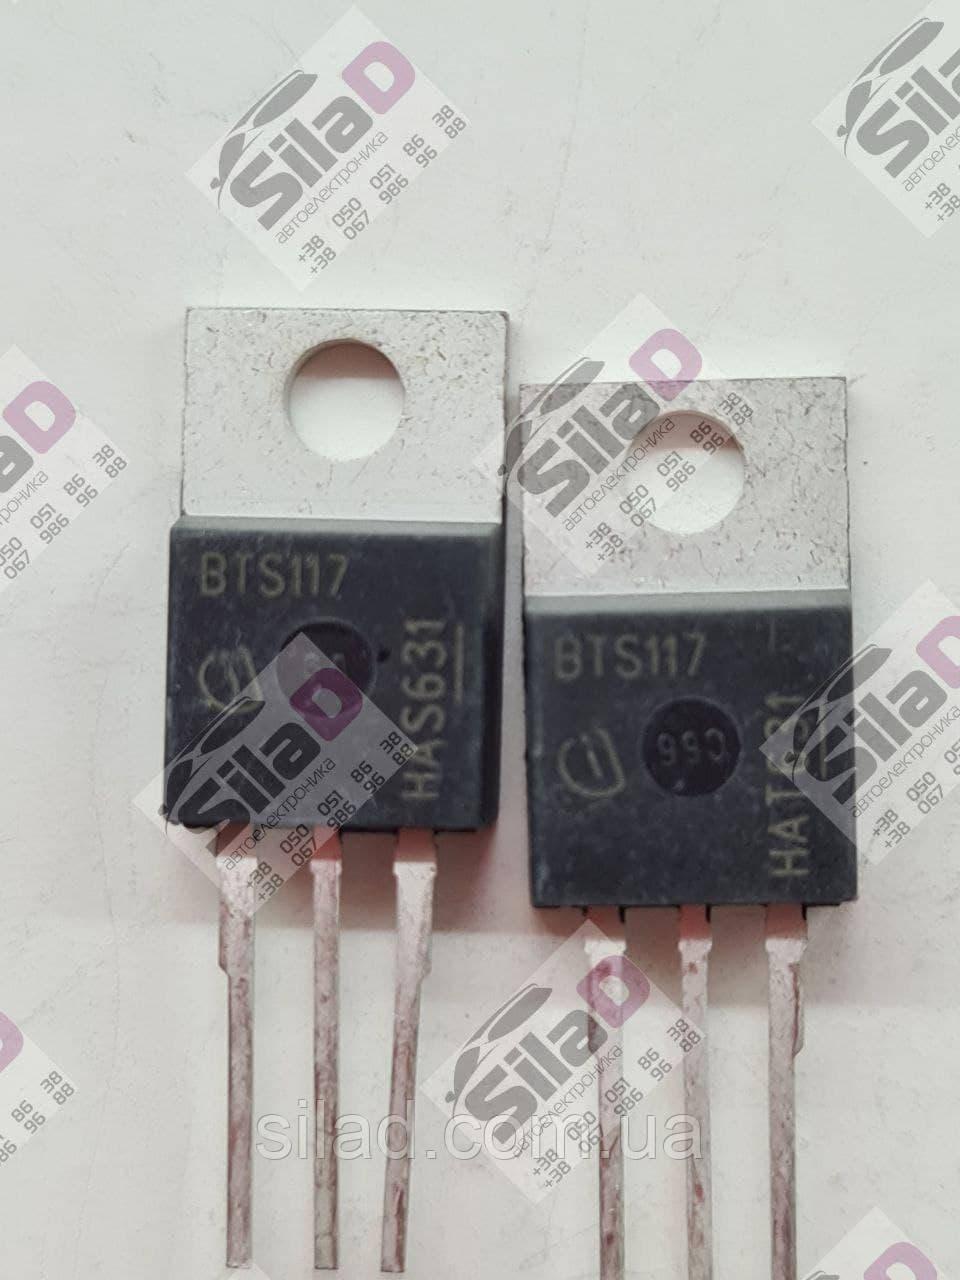 Транзистор BTS117 Infineon корпус TO-220